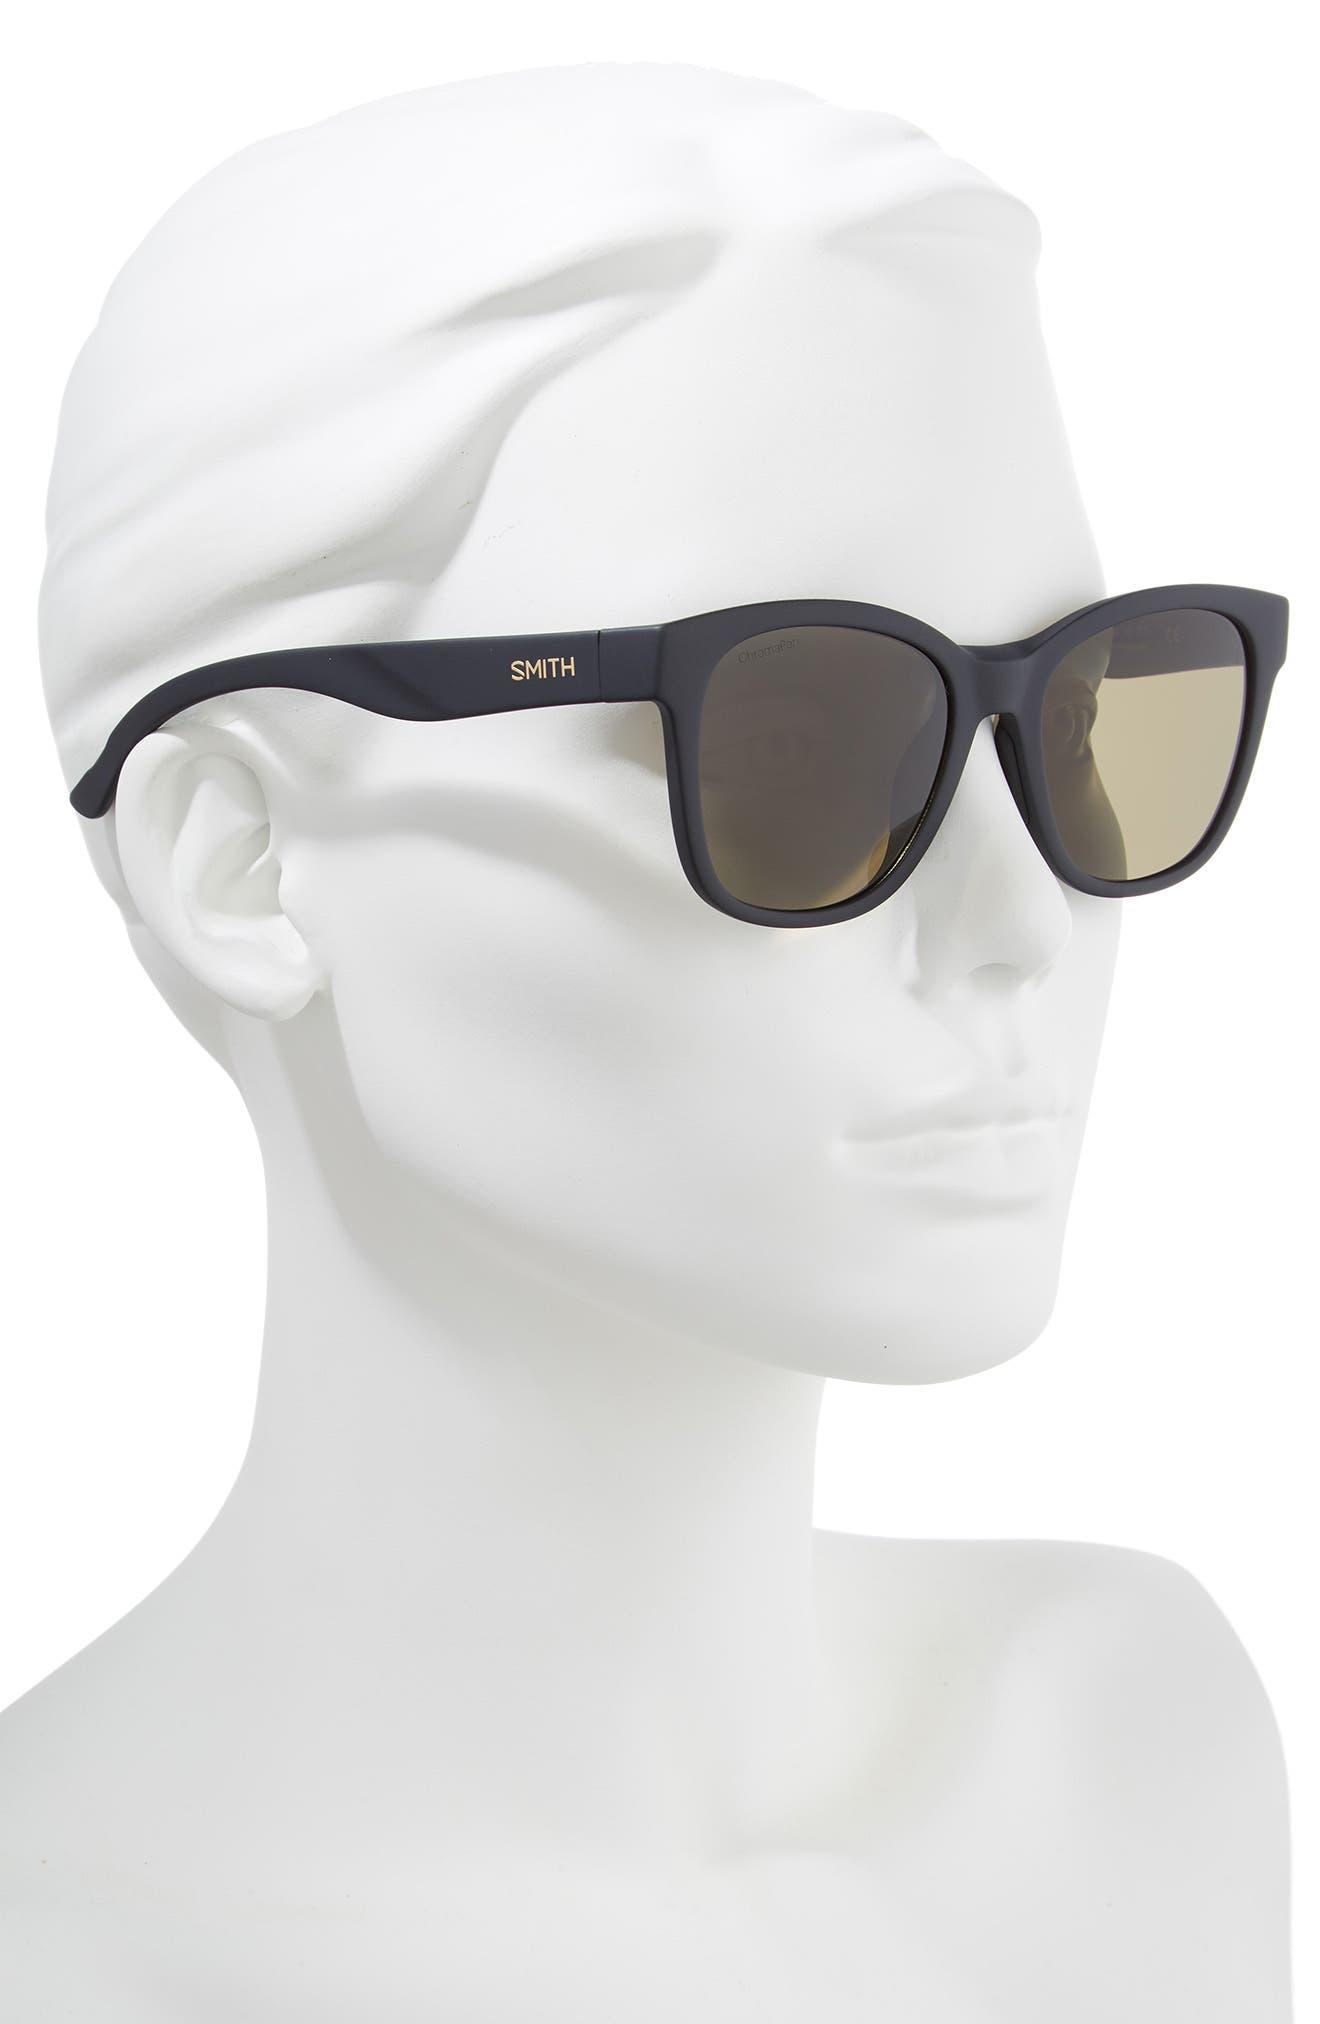 SMITH,                             Caper 53mm ChromaPop<sup>™</sup> Square Sunglasses,                             Alternate thumbnail 2, color,                             MATTE BLACK